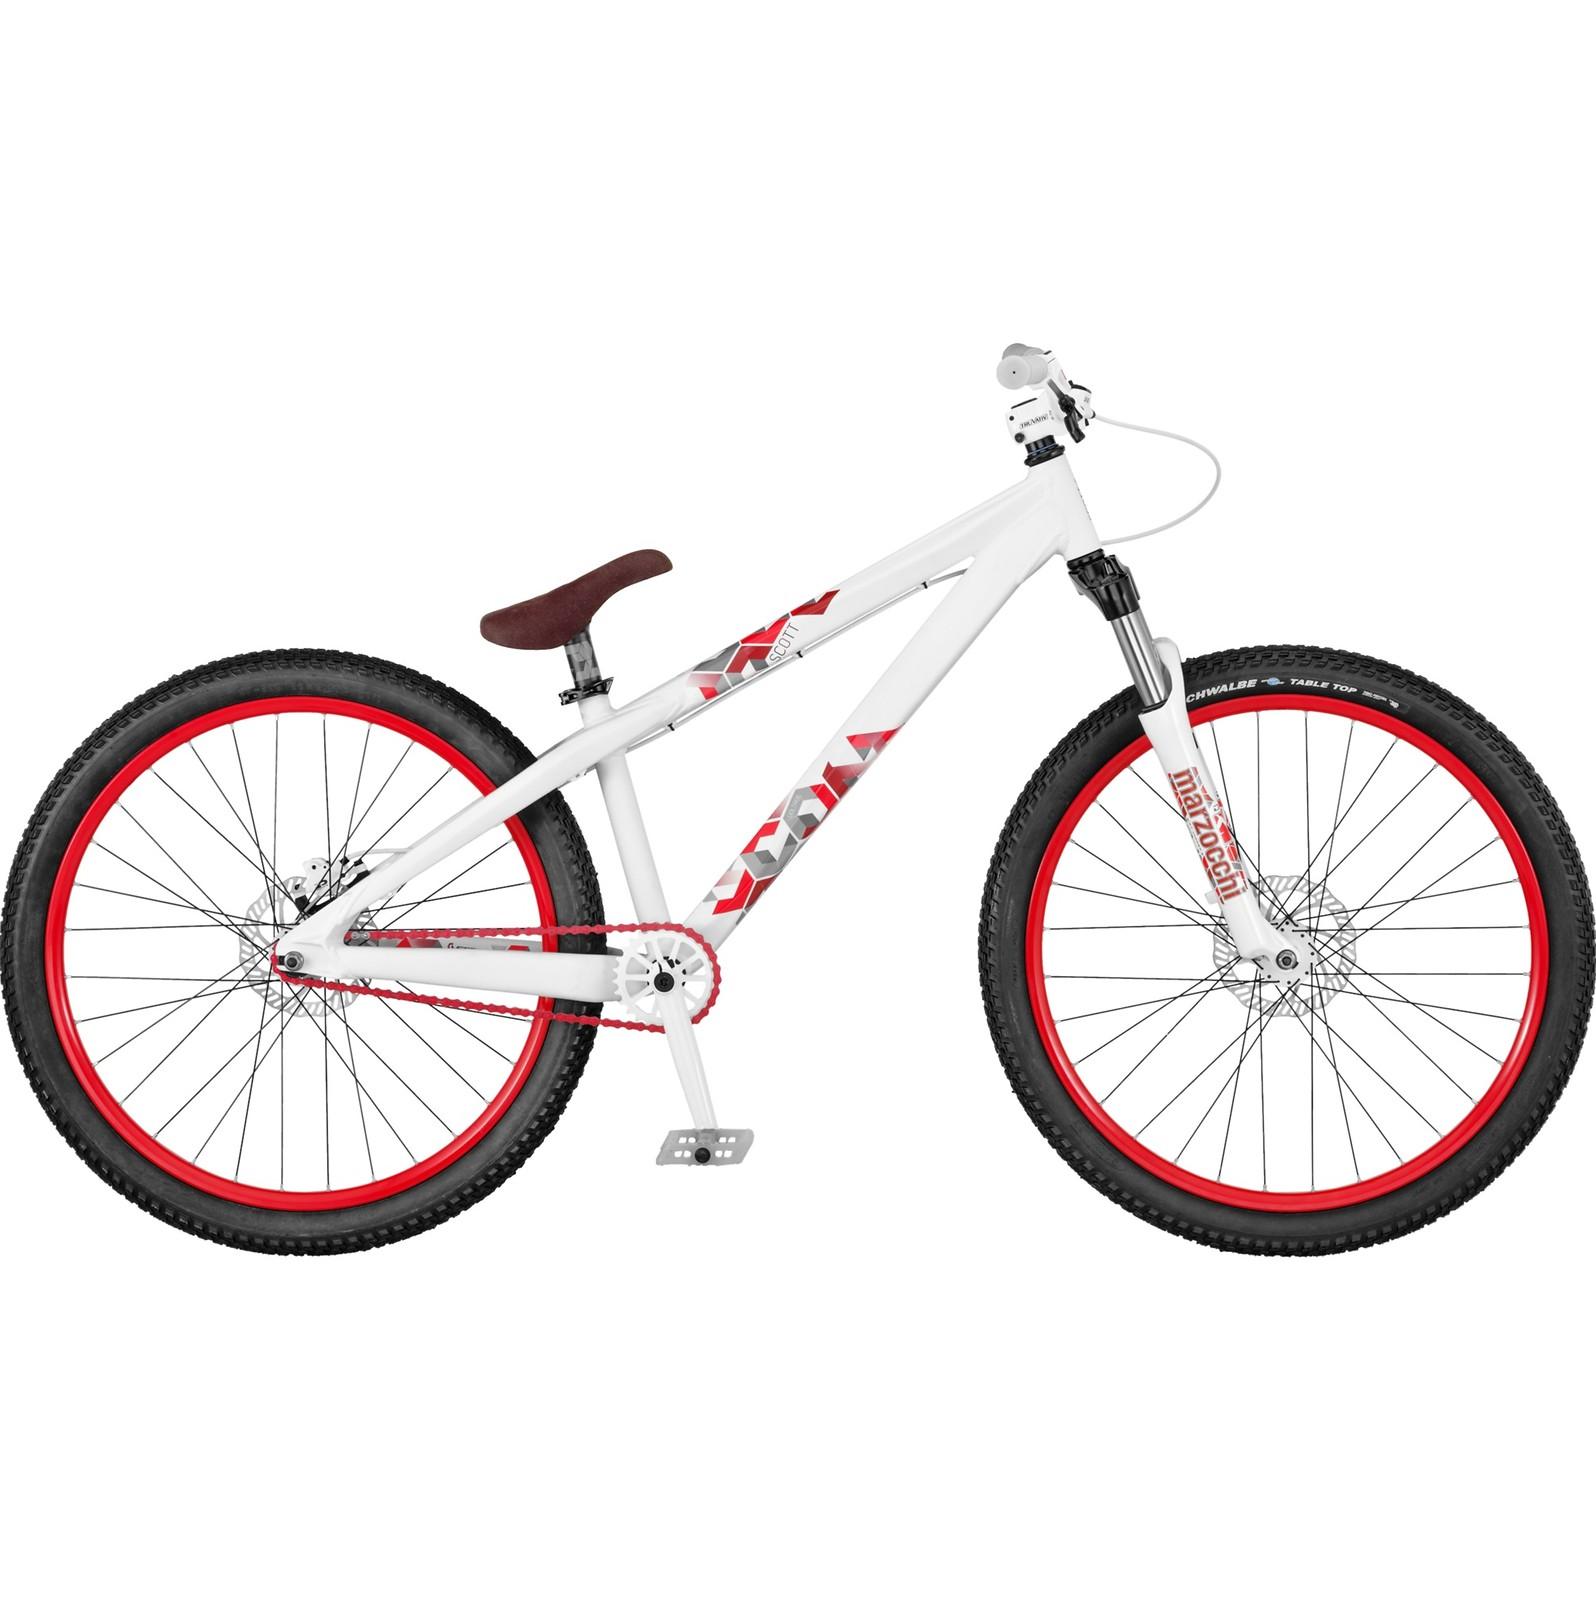 2012 Scott Voltage Yz 0 1 Bike Reviews Comparisons